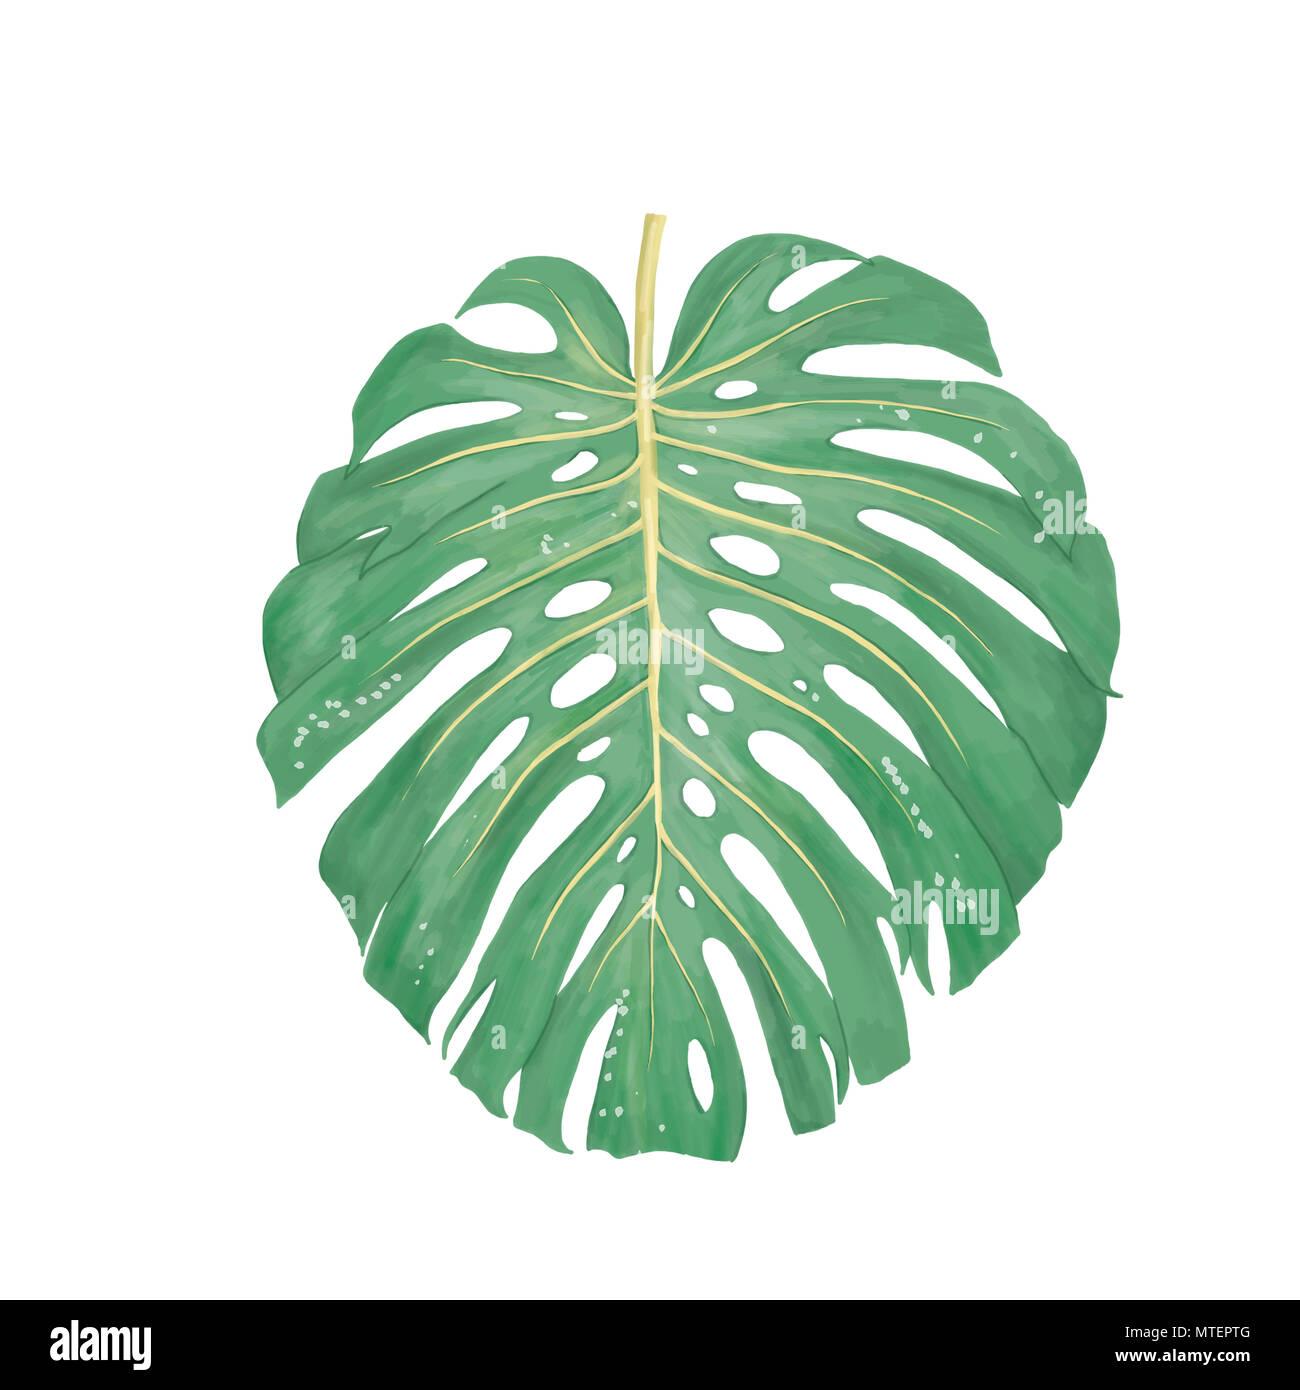 Clip florales tropicales arte digital leaf. Las plantas de verano sobre fondo blanco. Imagen De Stock